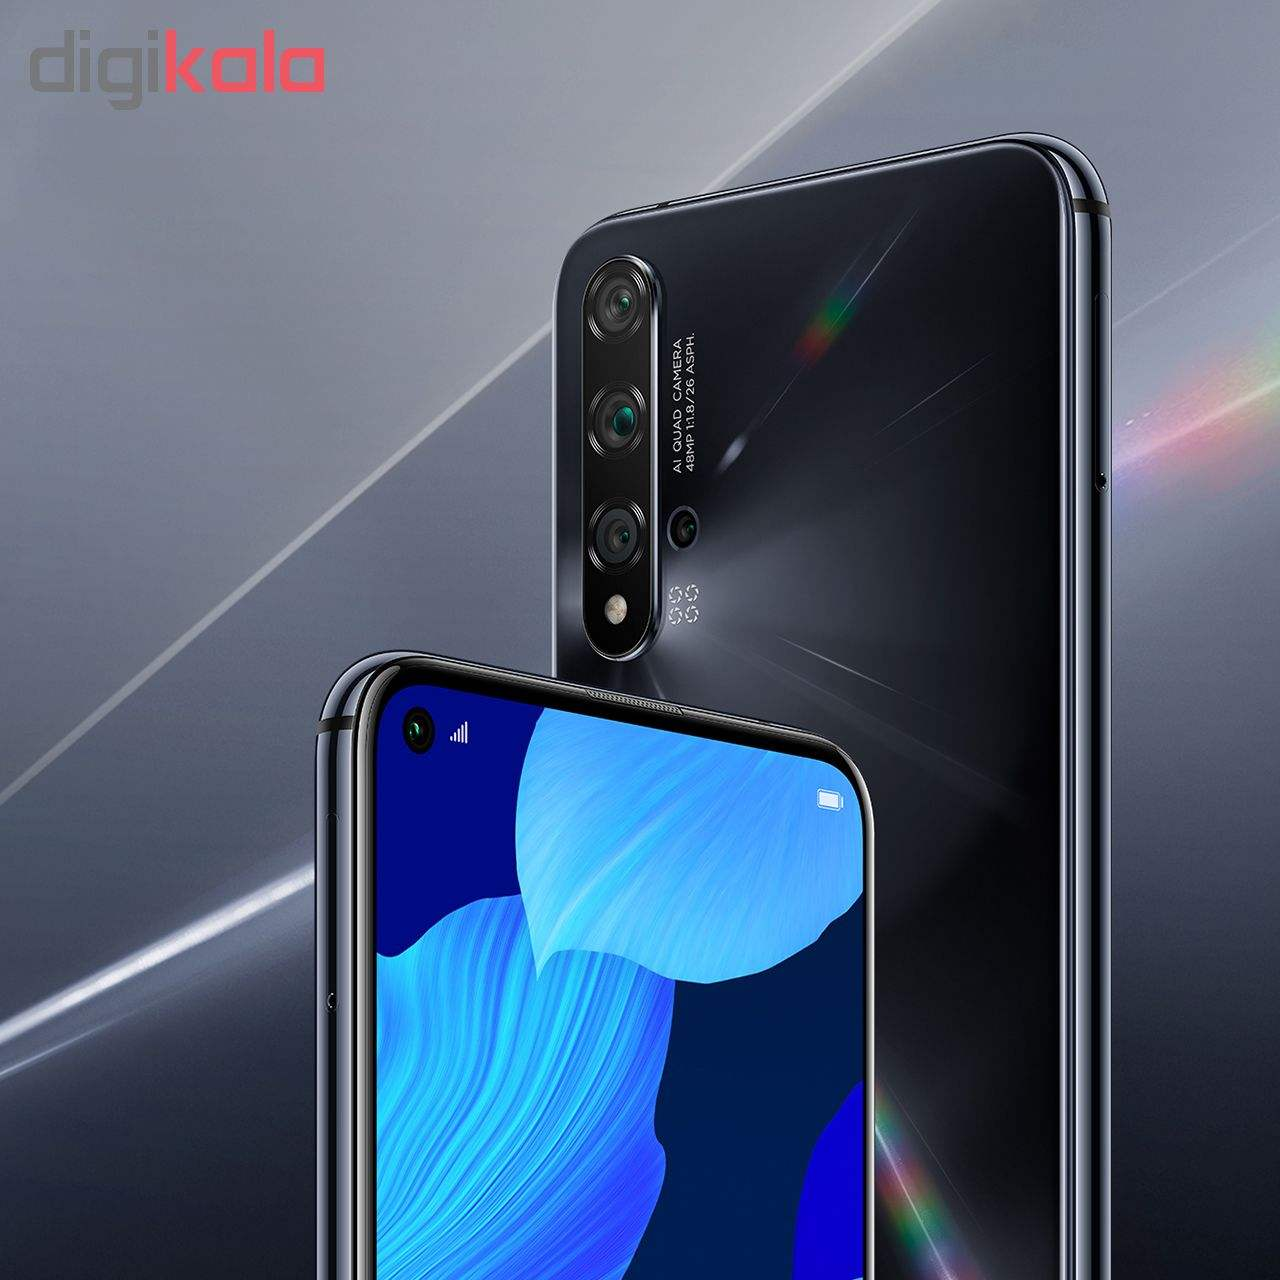 گوشی موبایل هوآوی مدل Nova 5T YAL-L21 دو سیم کارت ظرفیت 128 گیگابایت main 1 7